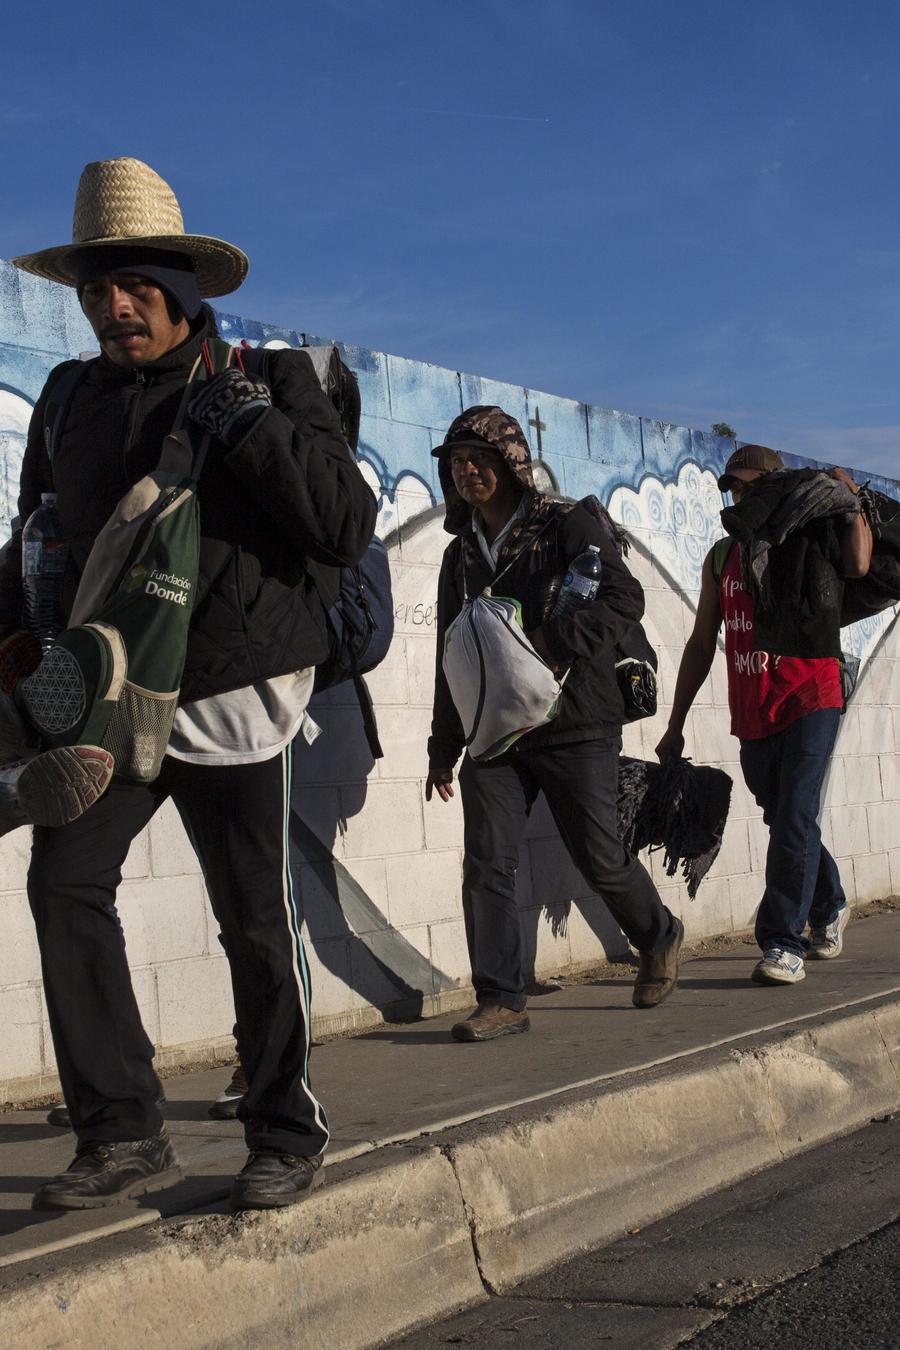 Miembros de la caravana migrante caminan por Tijuana el 20 de noviembre de 2018